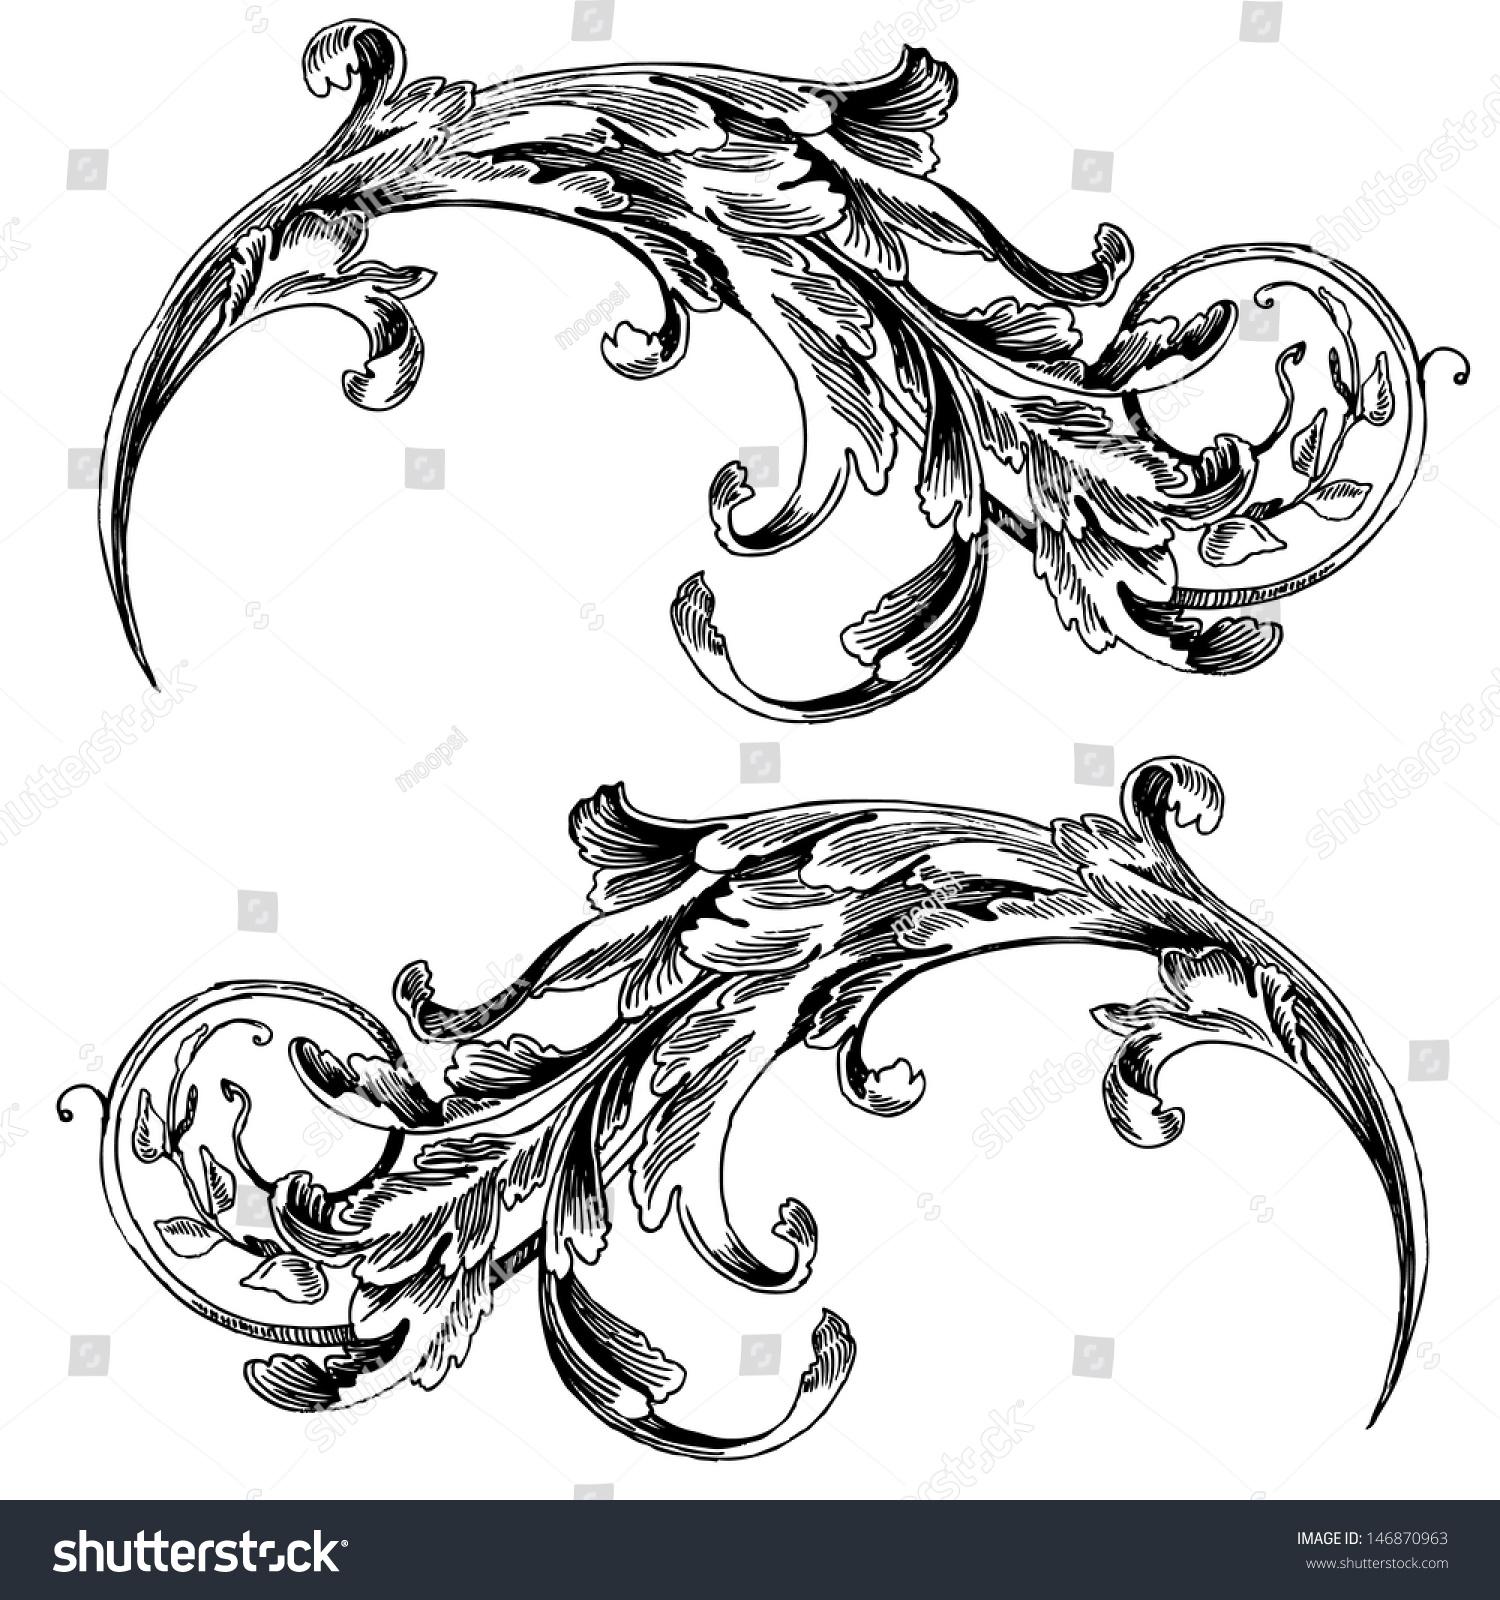 vector vintage baroque engraving floral scroll filigree design frame border acanthus pattern